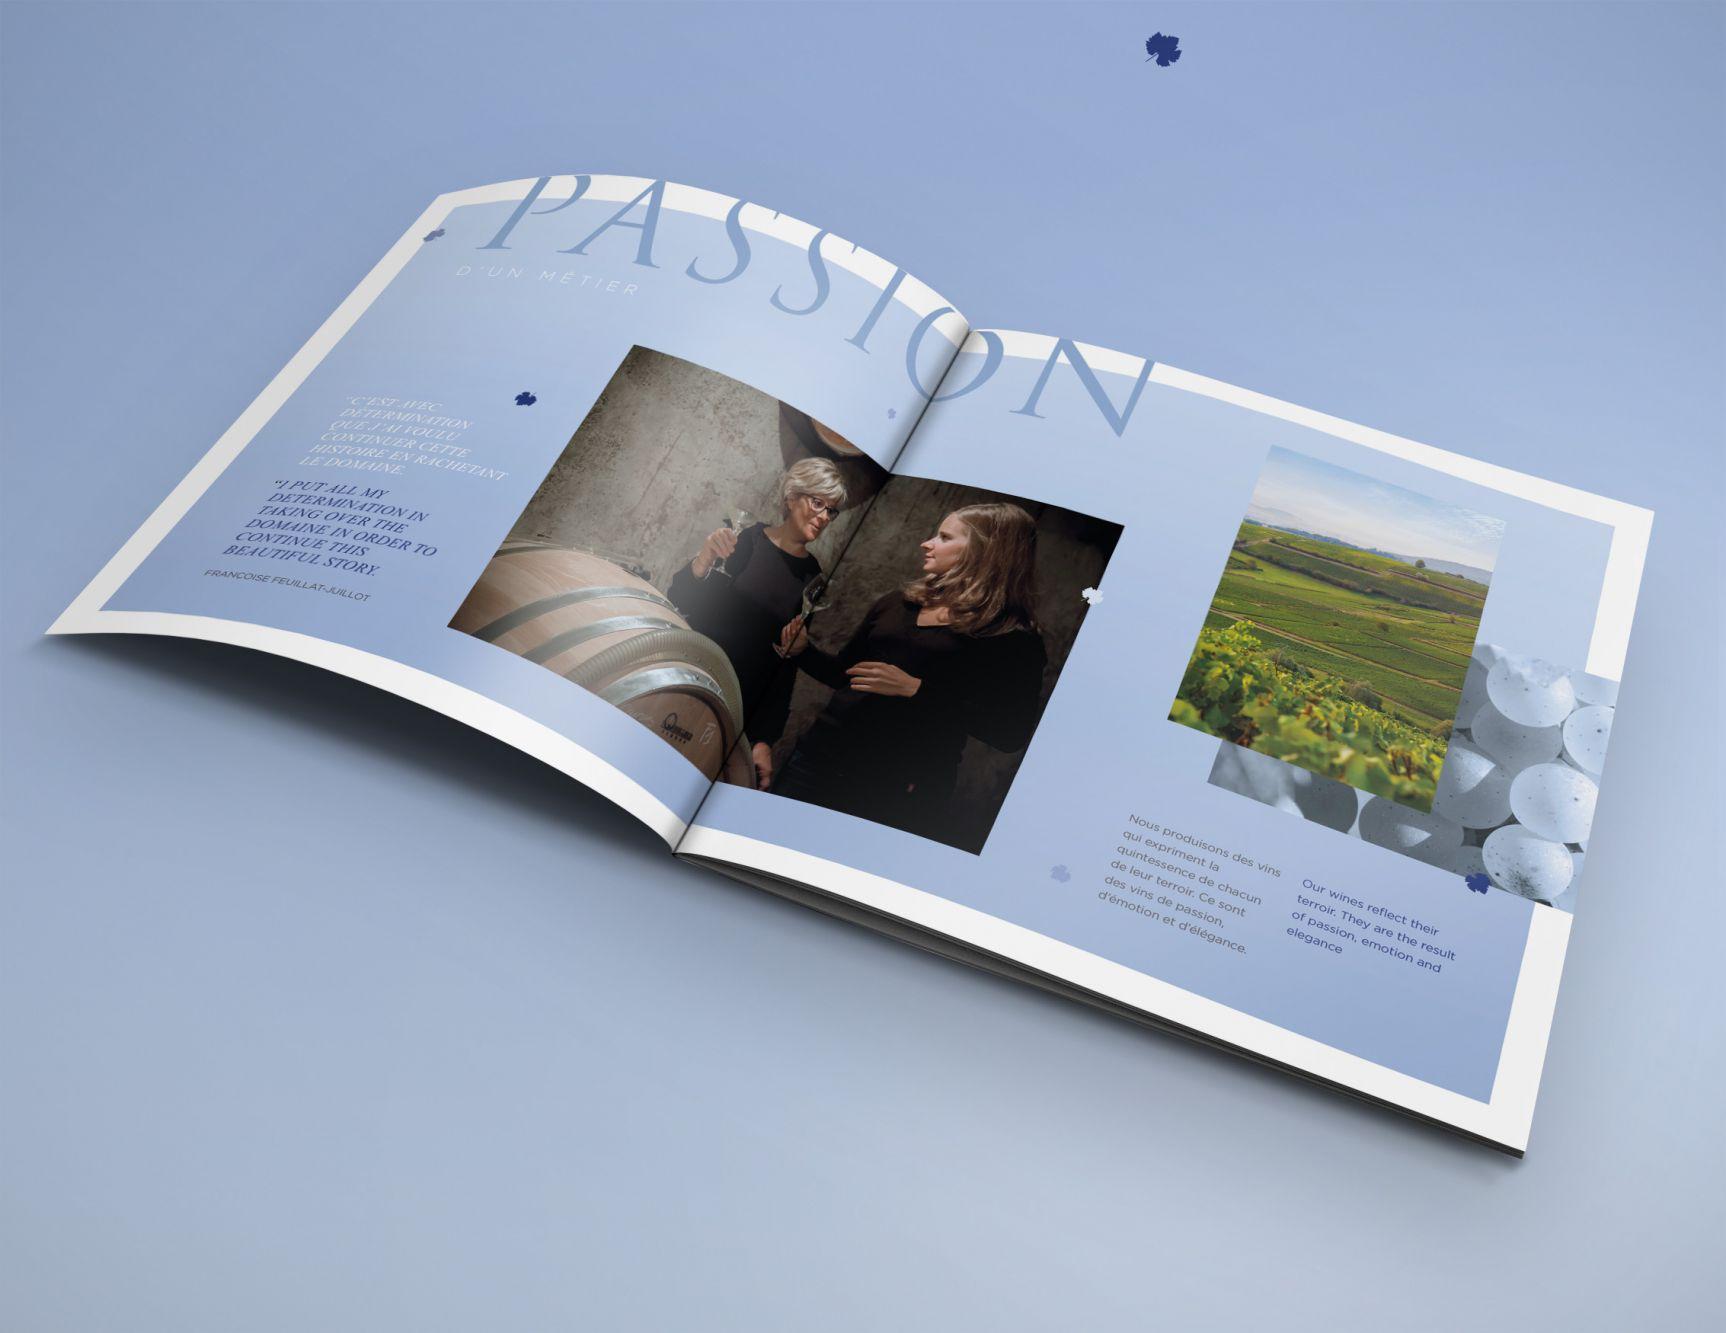 Brochure domaine Feuillat-Juillot